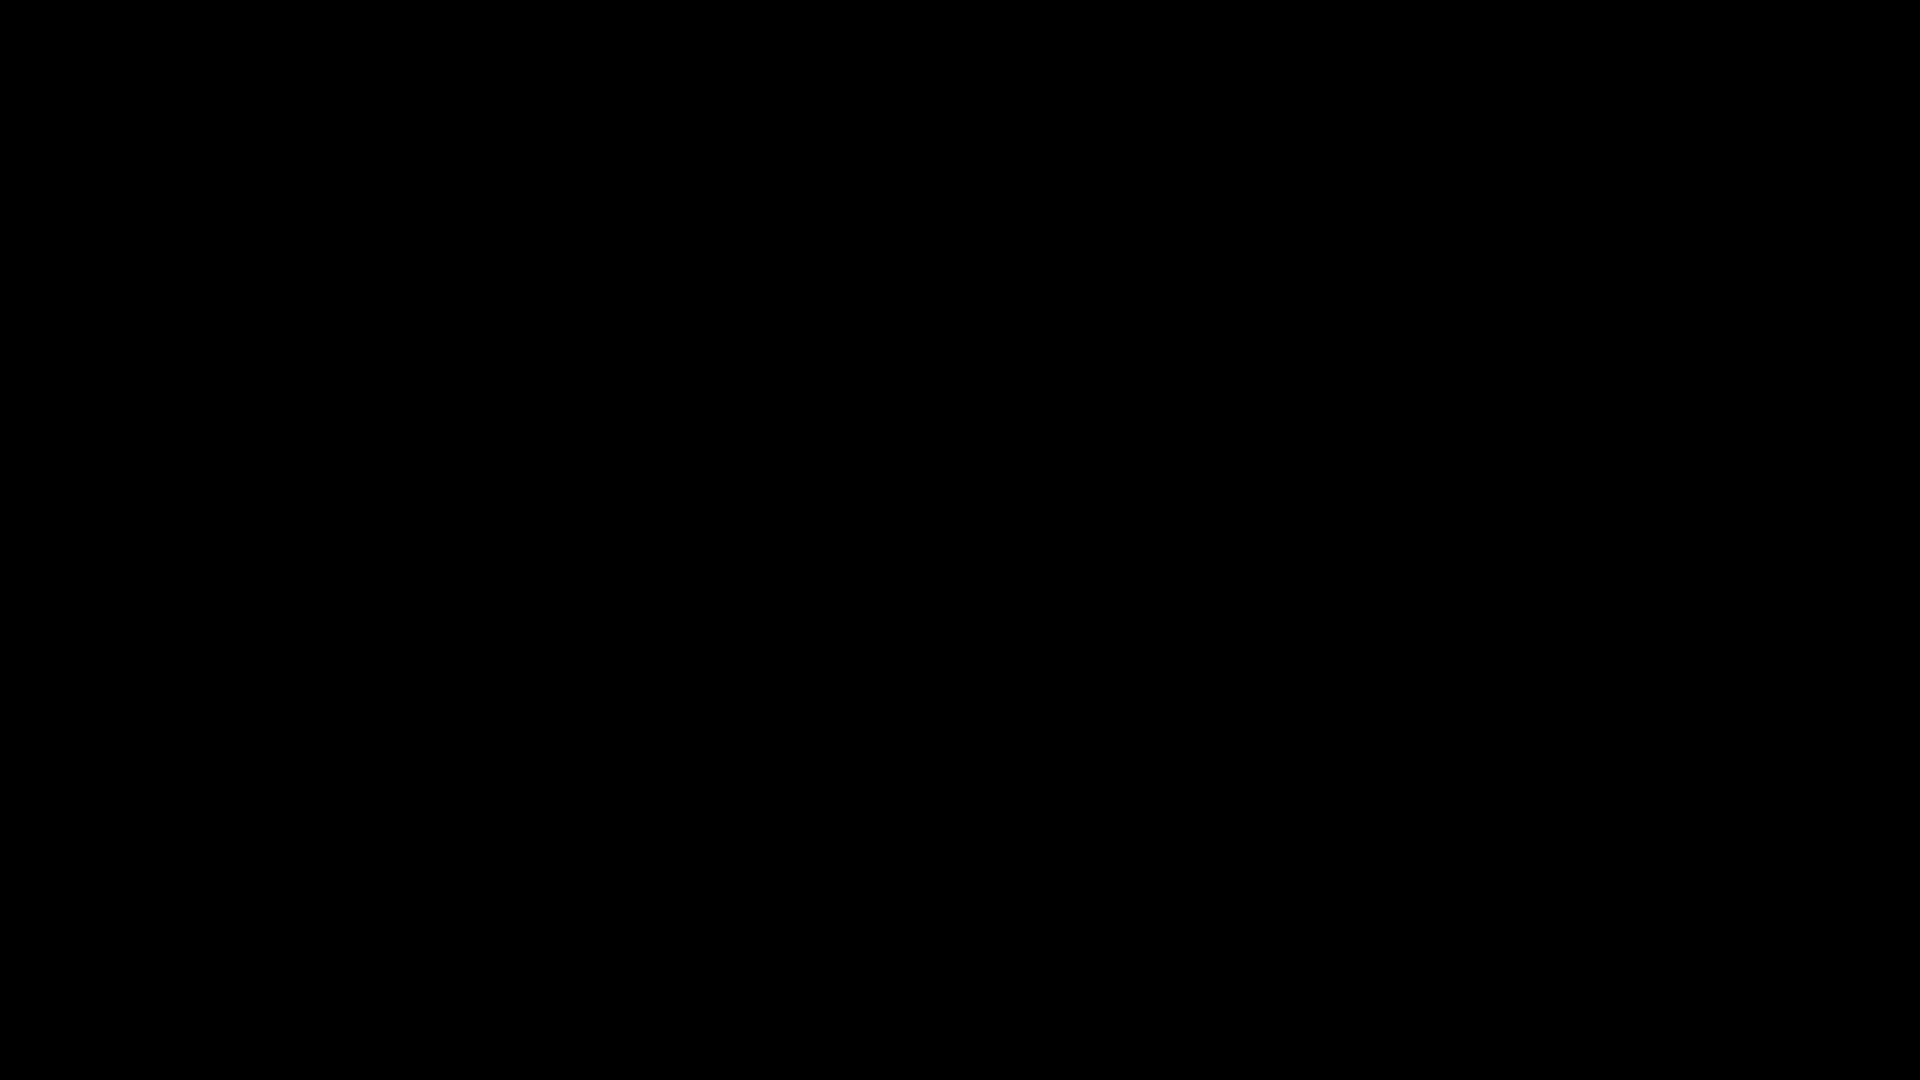 Овощная вечеринка Овощная вечеринка Кондиционер (76 серия)